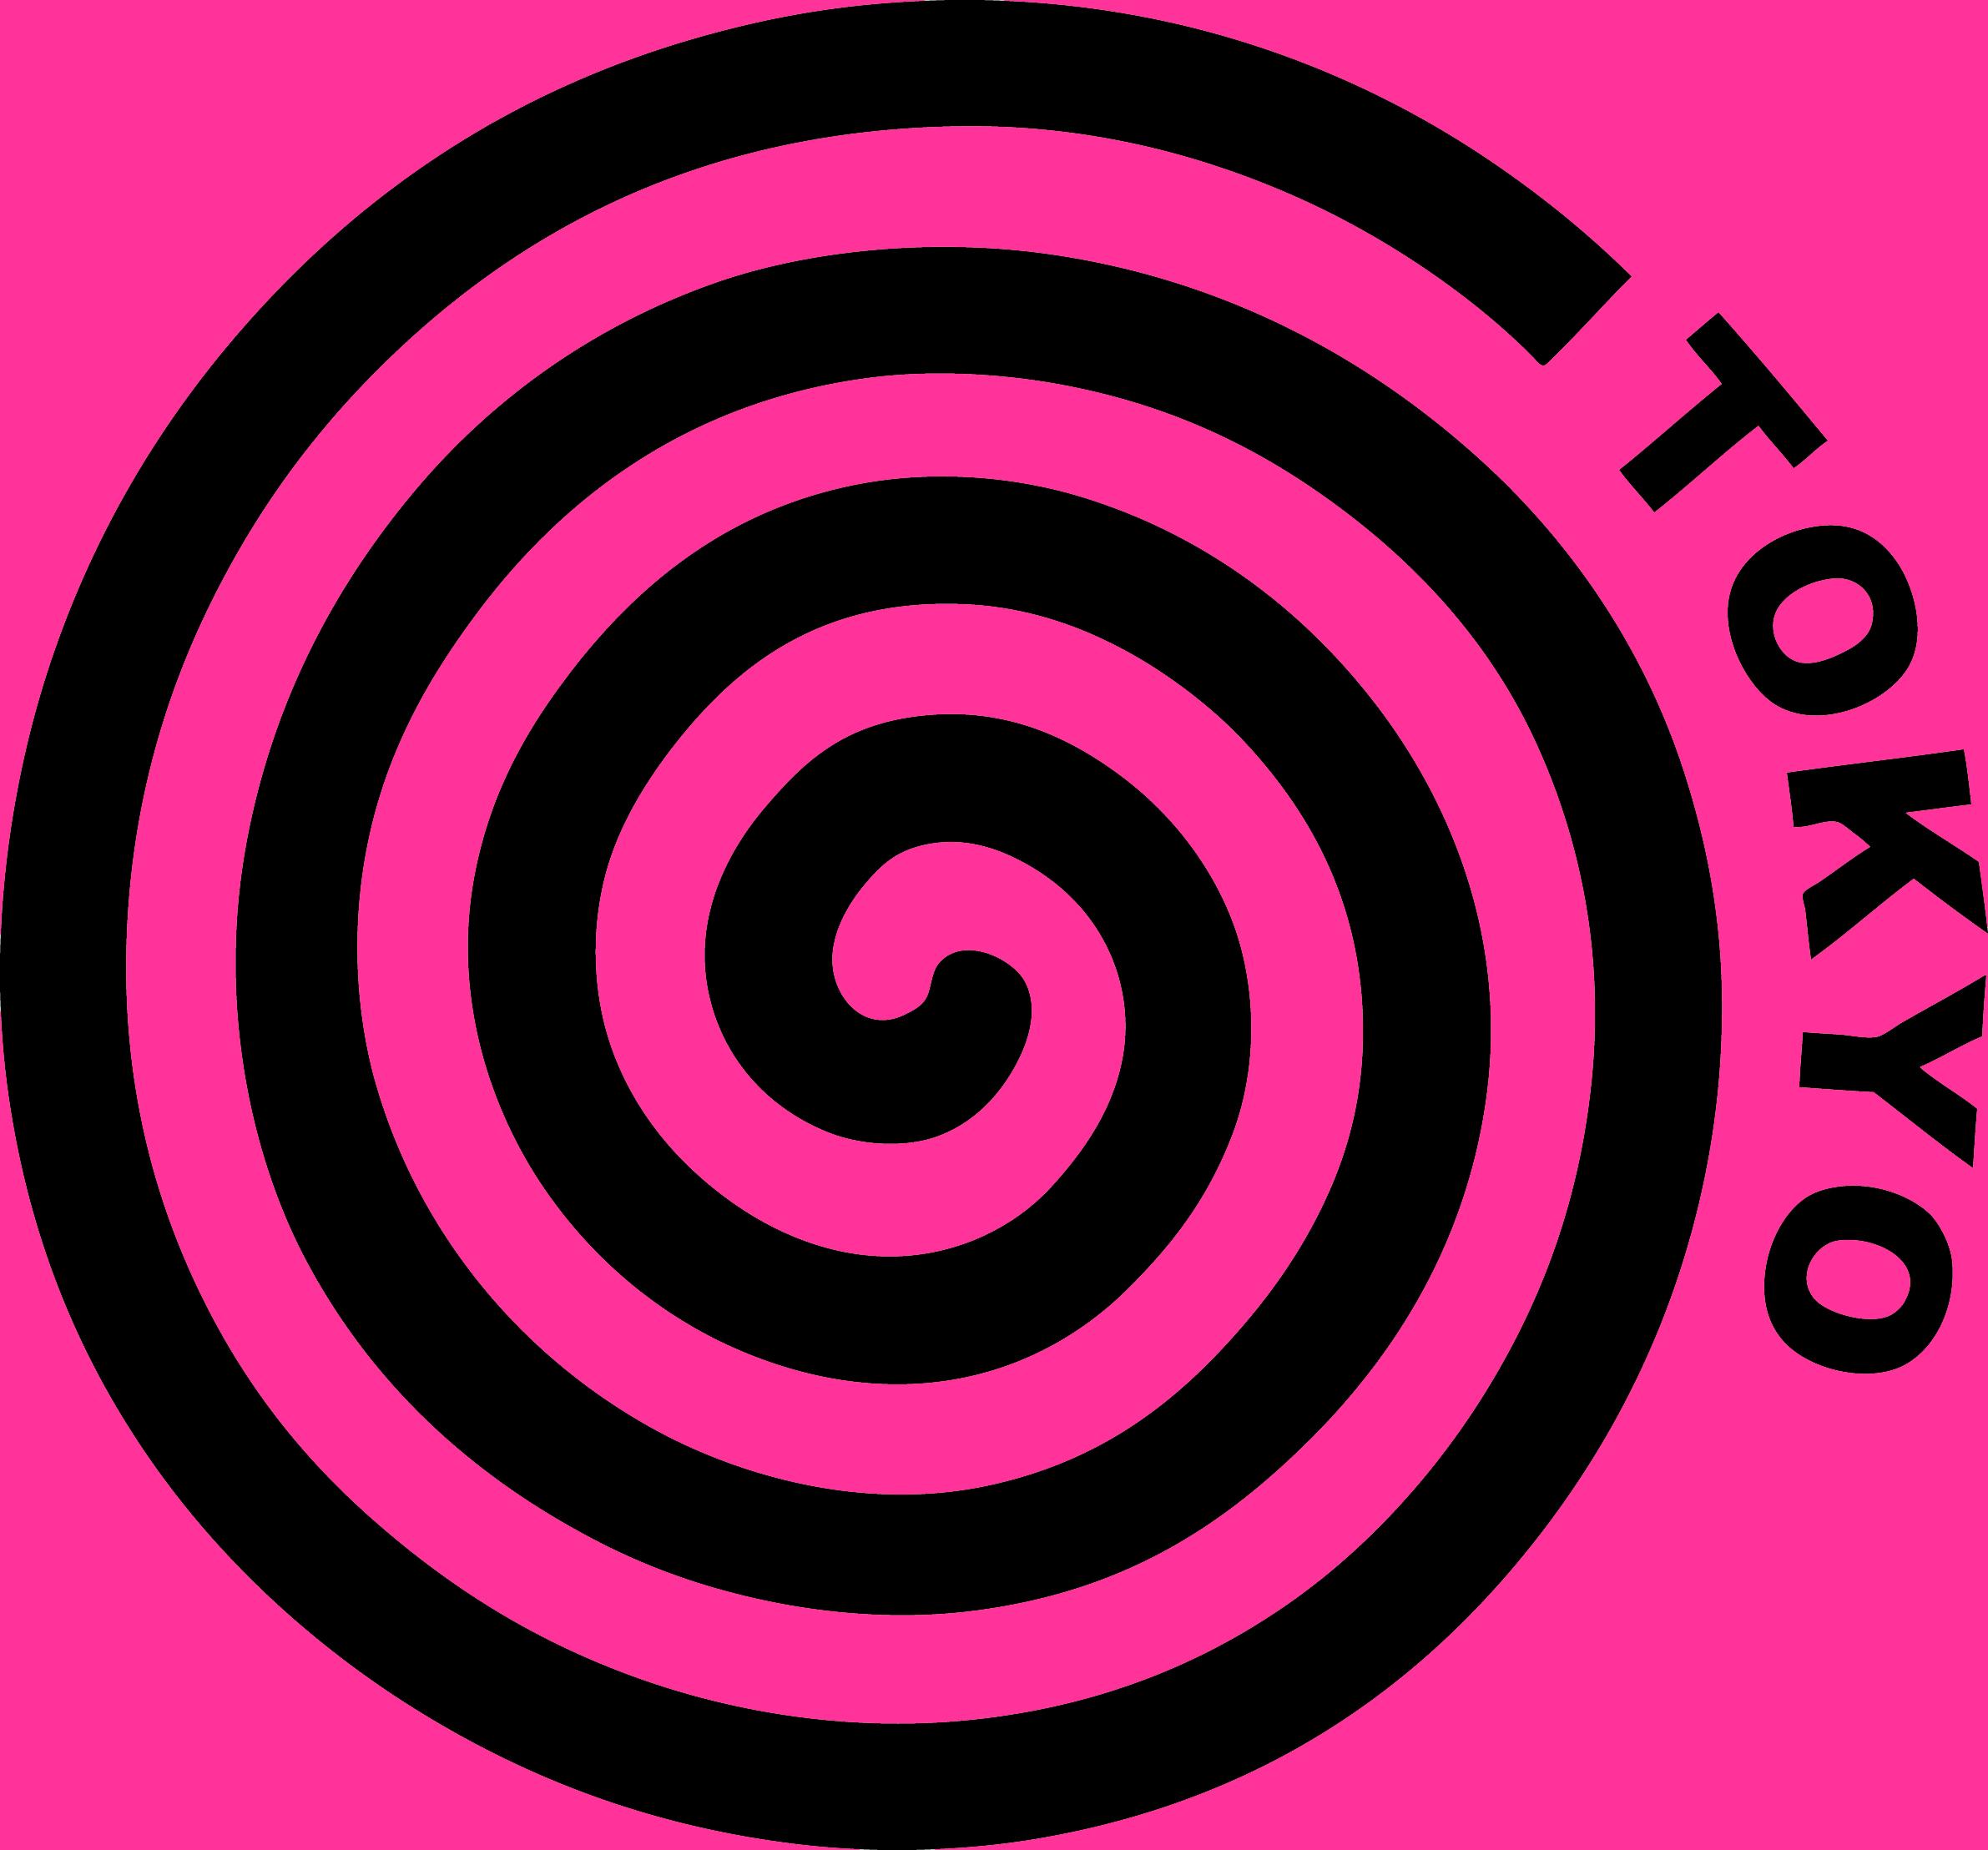 TOKYO_LOGO_vektori